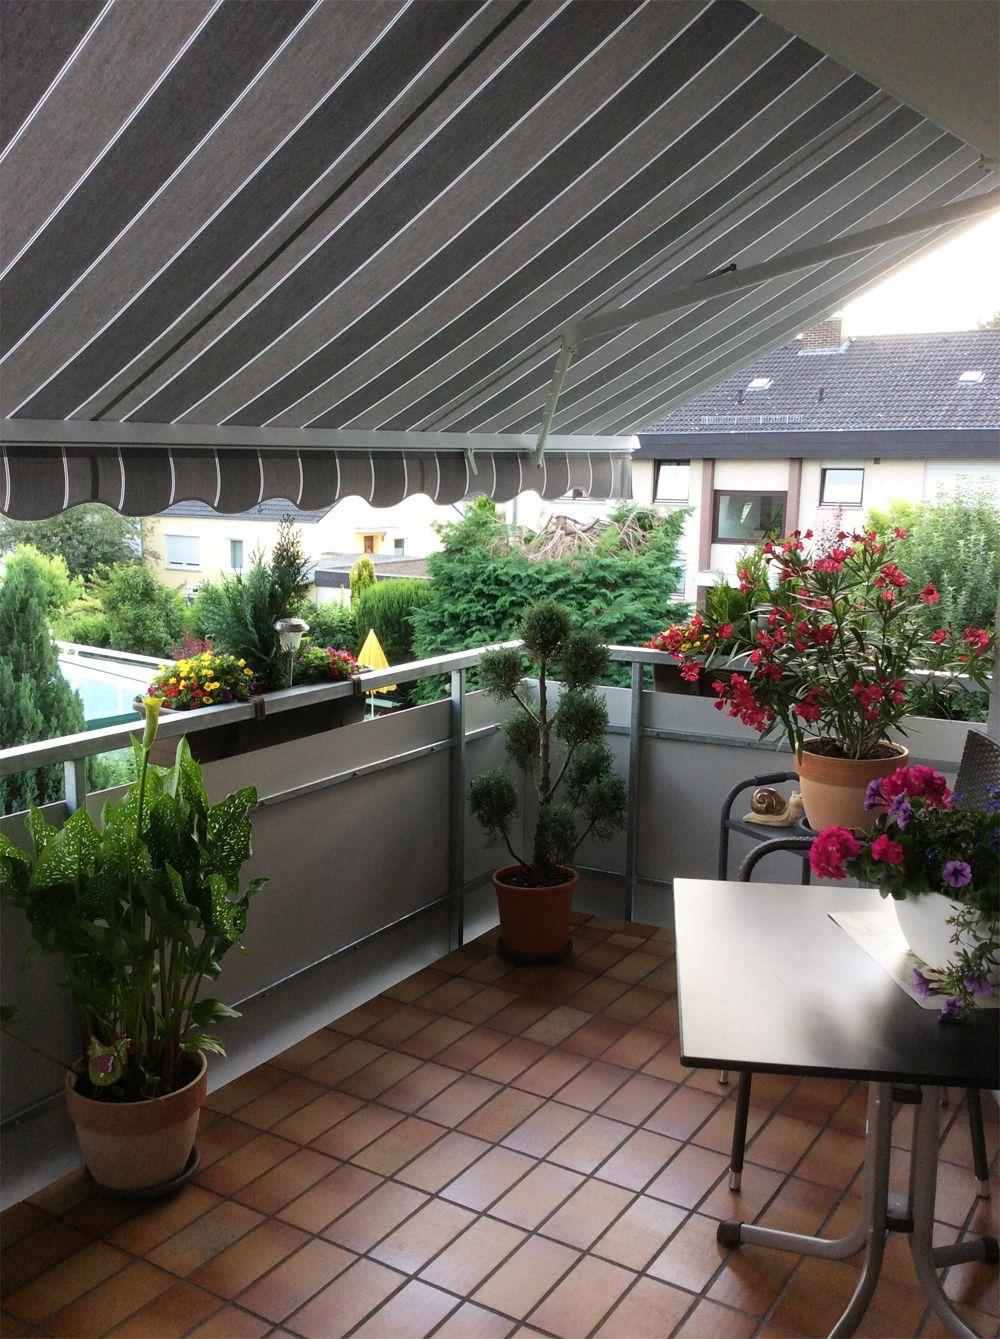 balkontüren modelle für balkon, terrasse oder veranda | menerima, Gartengerate ideen